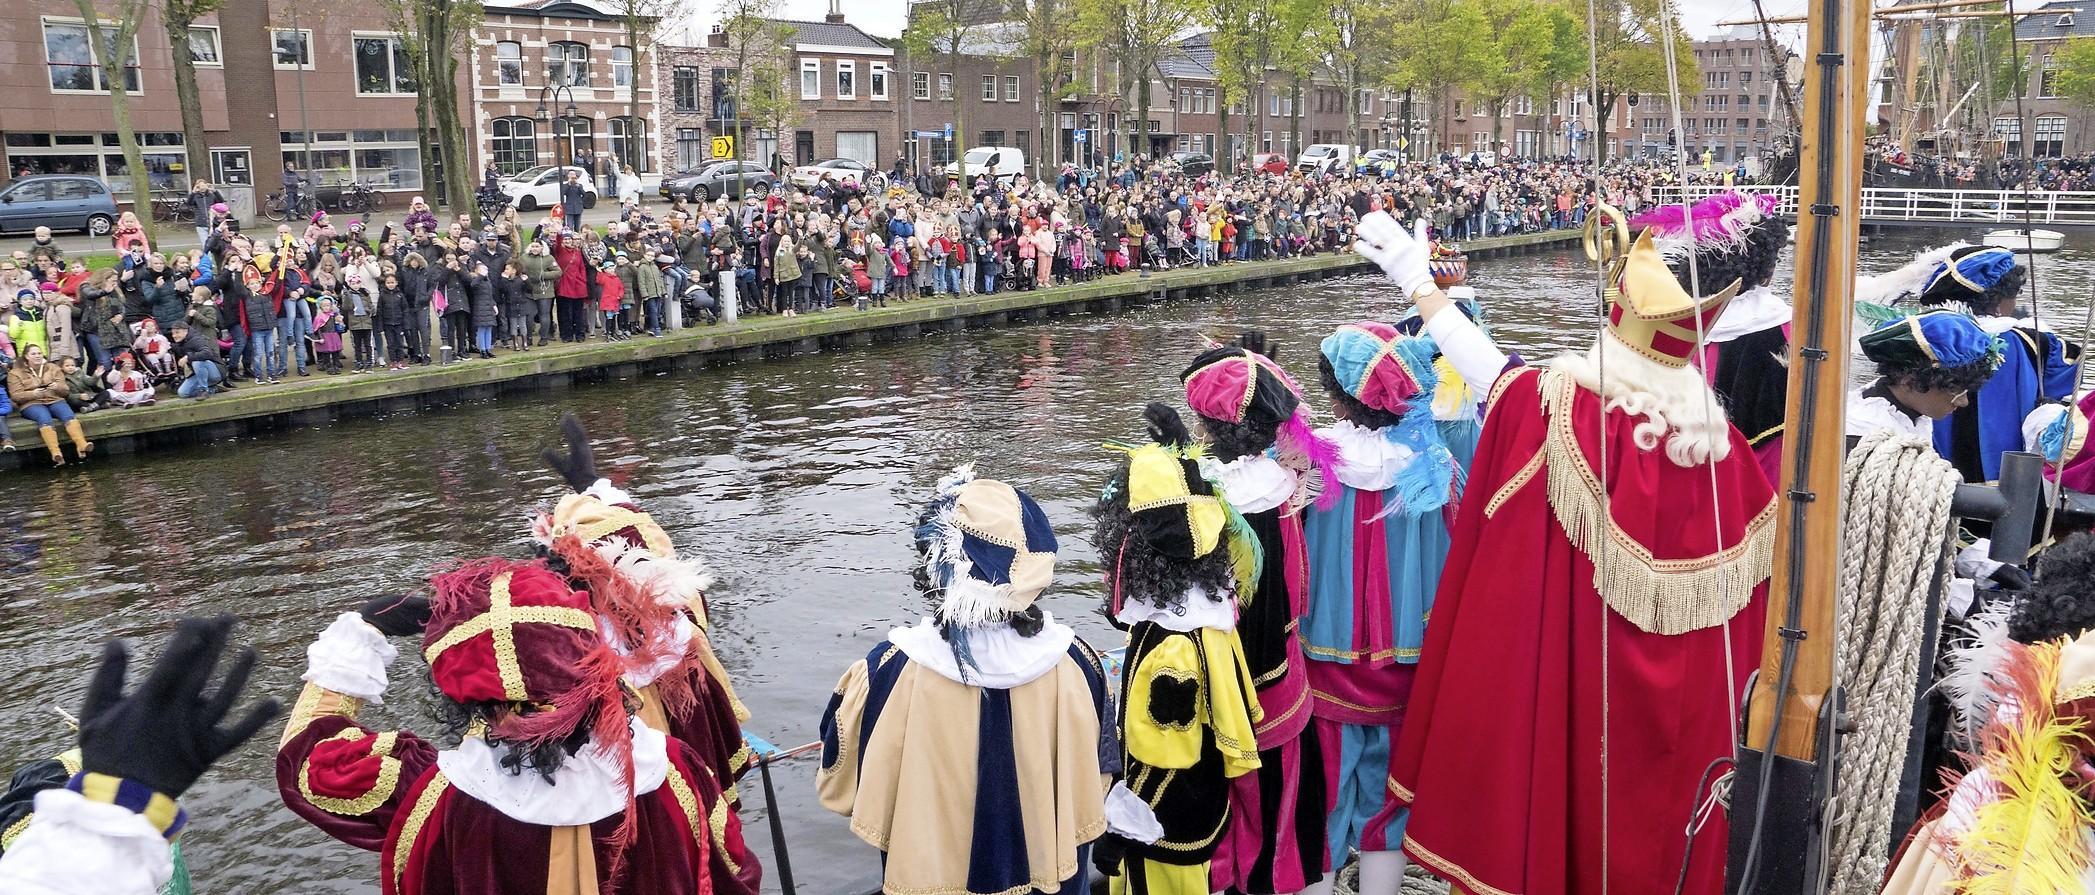 Intocht Sinterklaas in Den Helder dit jaar waarschijnlijk voor het eerst zonder Zwarte Pieten: 'Hoe dan ook een mooi feest'